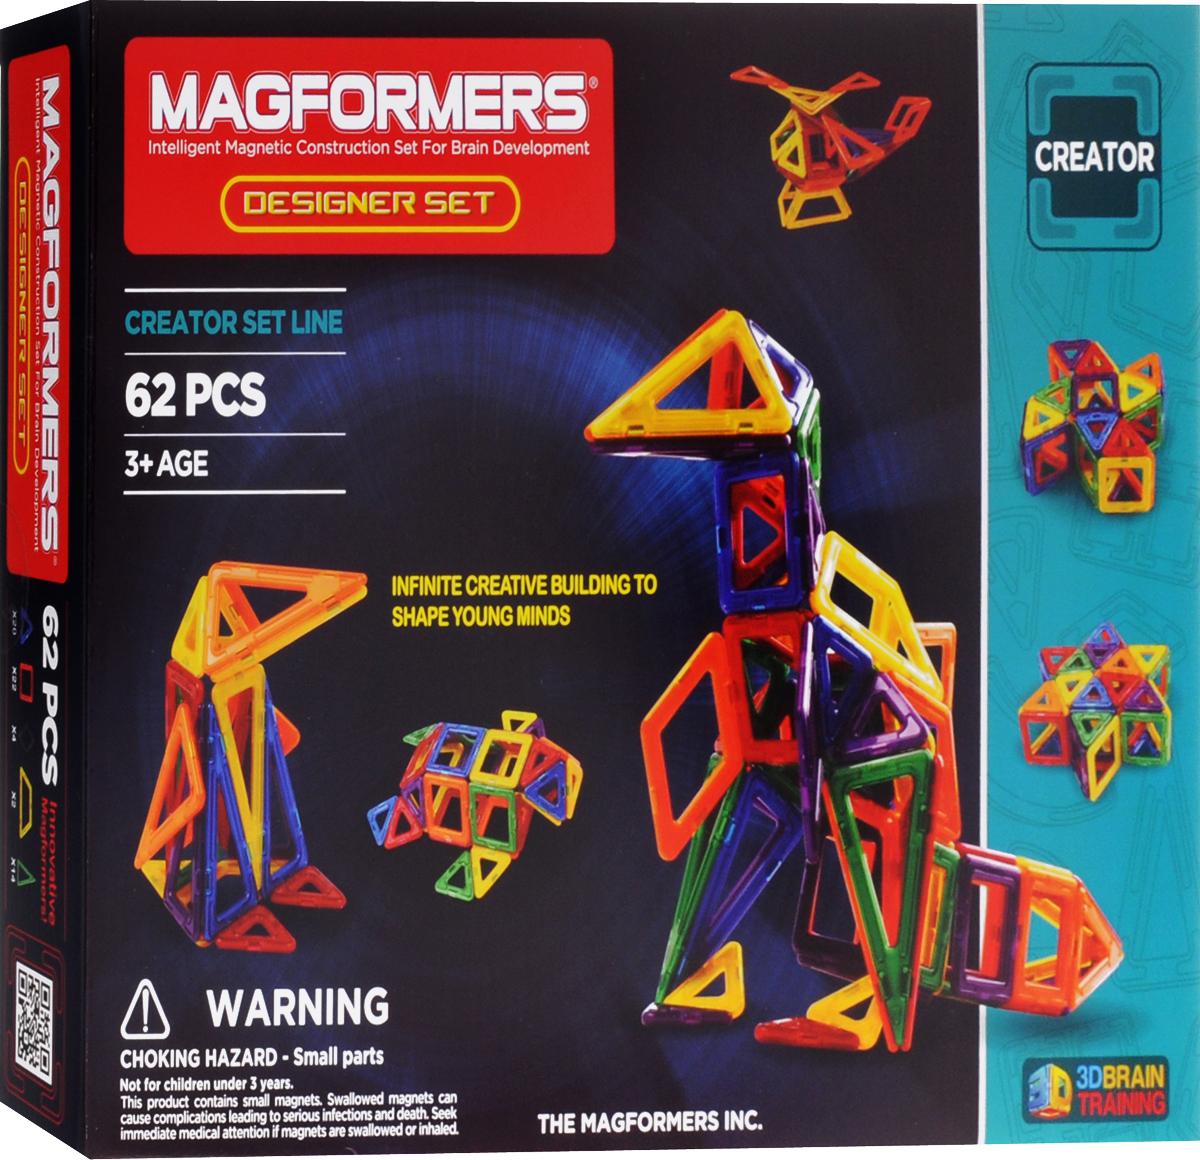 Magformers Магнитный конструктор Designer Set63081/703002Магнитный конструктор Magformers Designer Set предназначен для детей, которые хорошо эрудированы и развиты (возраст не является основным критерием для магнитных конструкторов Magformers). Набор позволяет ребенку строить поистине потрясающие вещи, как из мира техники (самолет, вертолет, кран, экскаватор), так и из мира архитектуры (дома, замки). Возможность замены одних деталей другими (ромб на 2 треугольника, 3 ромба на шестиугольник и так далее) позволяет ребенку изучать и моделировать геометрические фигуры, воплощать оригинальные идеи в жизнь, превращать мир из плоского в объемный. Несмотря на то, что набор ориентирован в первую очередь на более старших детей, малышам он тоже понравится. Как и все другие наборы, он содержит в себе базовые детали - треугольники и квадраты, которых с лихвой хватит для построения всевозможных фигур - домиков, башен, волшебного шара и многого другого. А уже по мере развития вашего ребенка вы сможете добавить ромбы, трапеции и длинные...